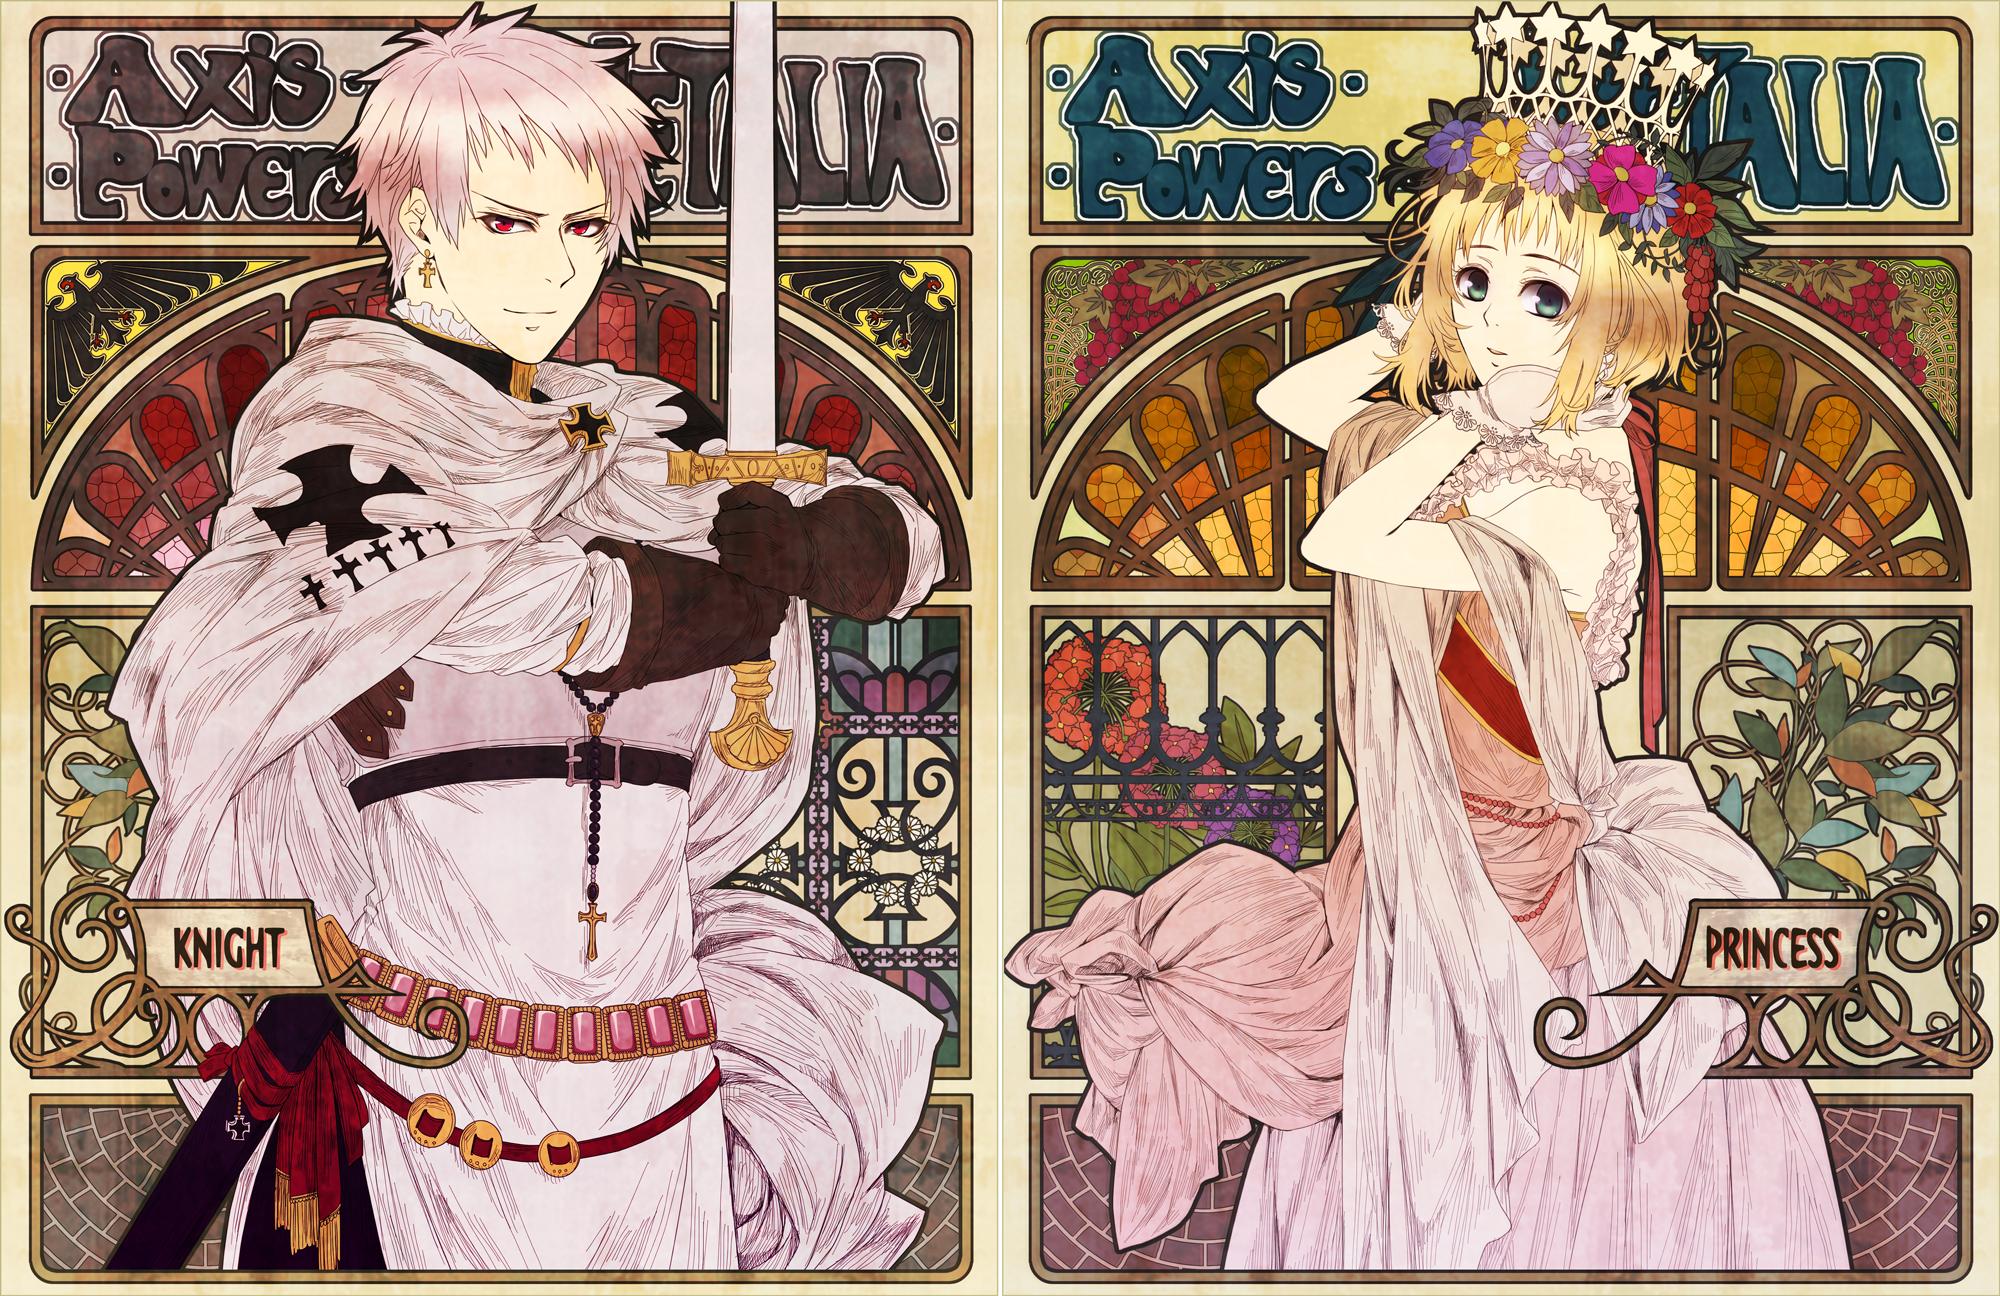 Hình ảnh anime cô công chúa tóc vàng và chàng hoàng tử tóc hồng